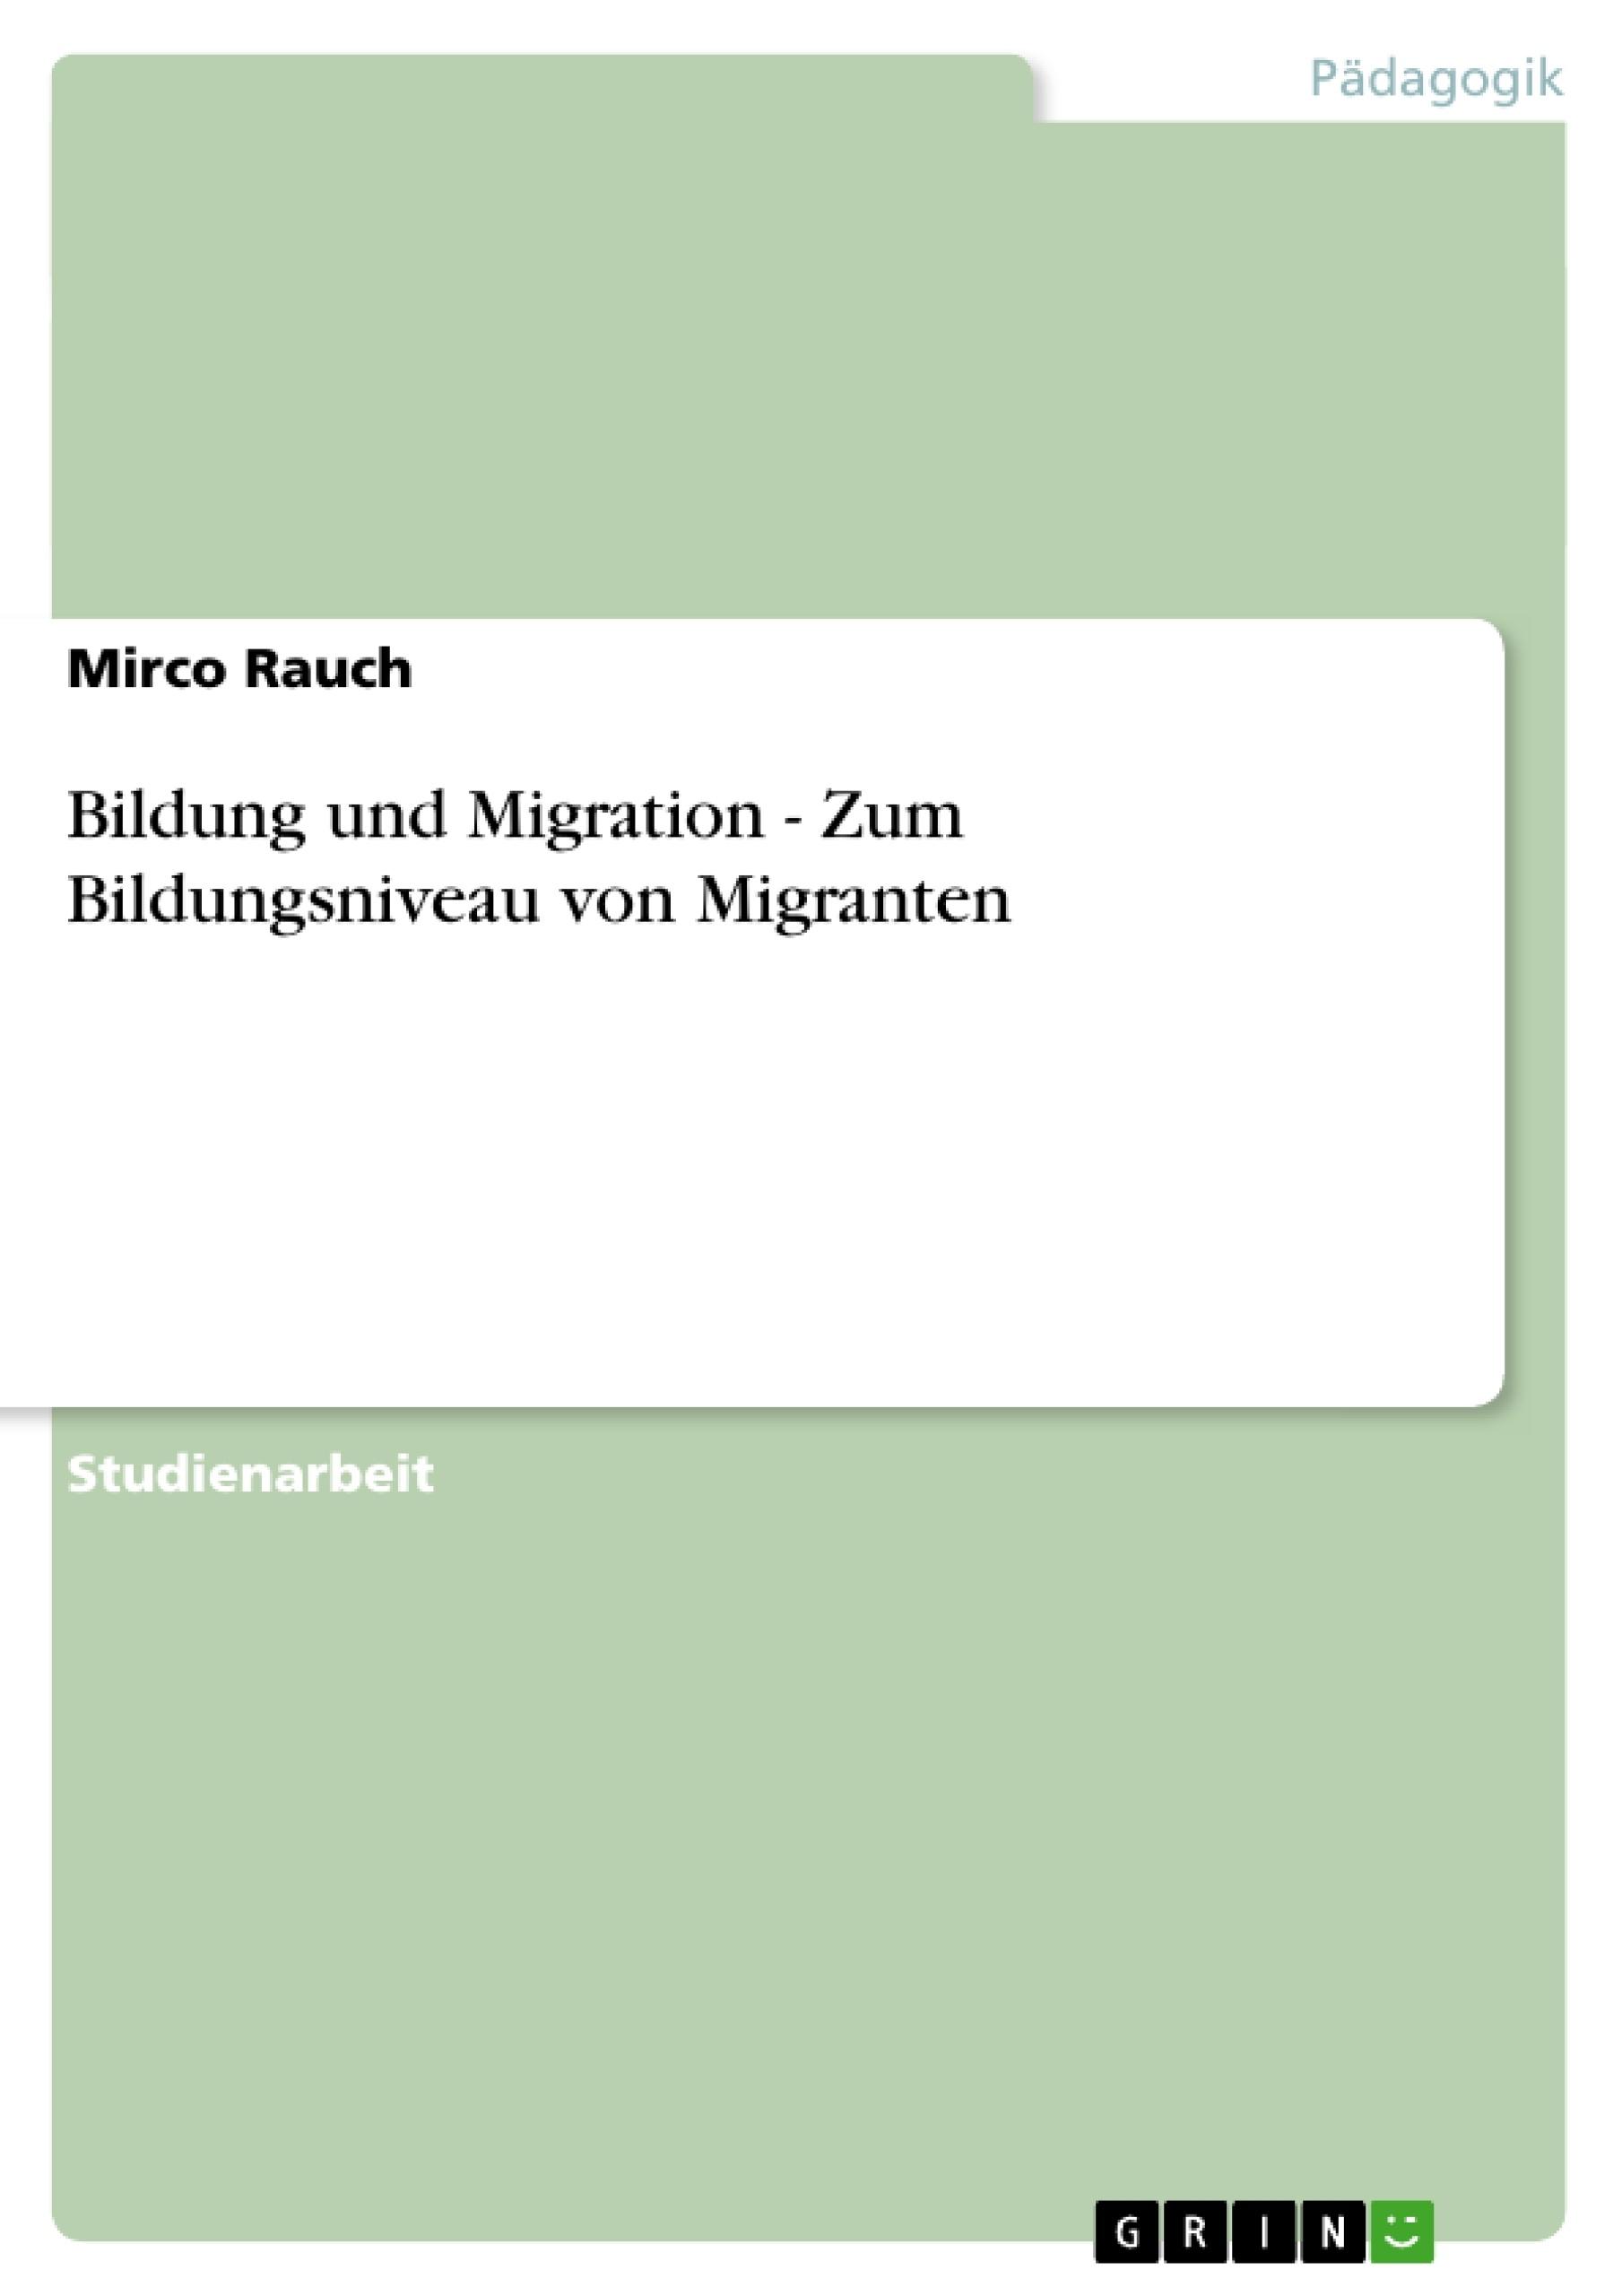 Titel: Bildung und Migration - Zum Bildungsniveau von Migranten